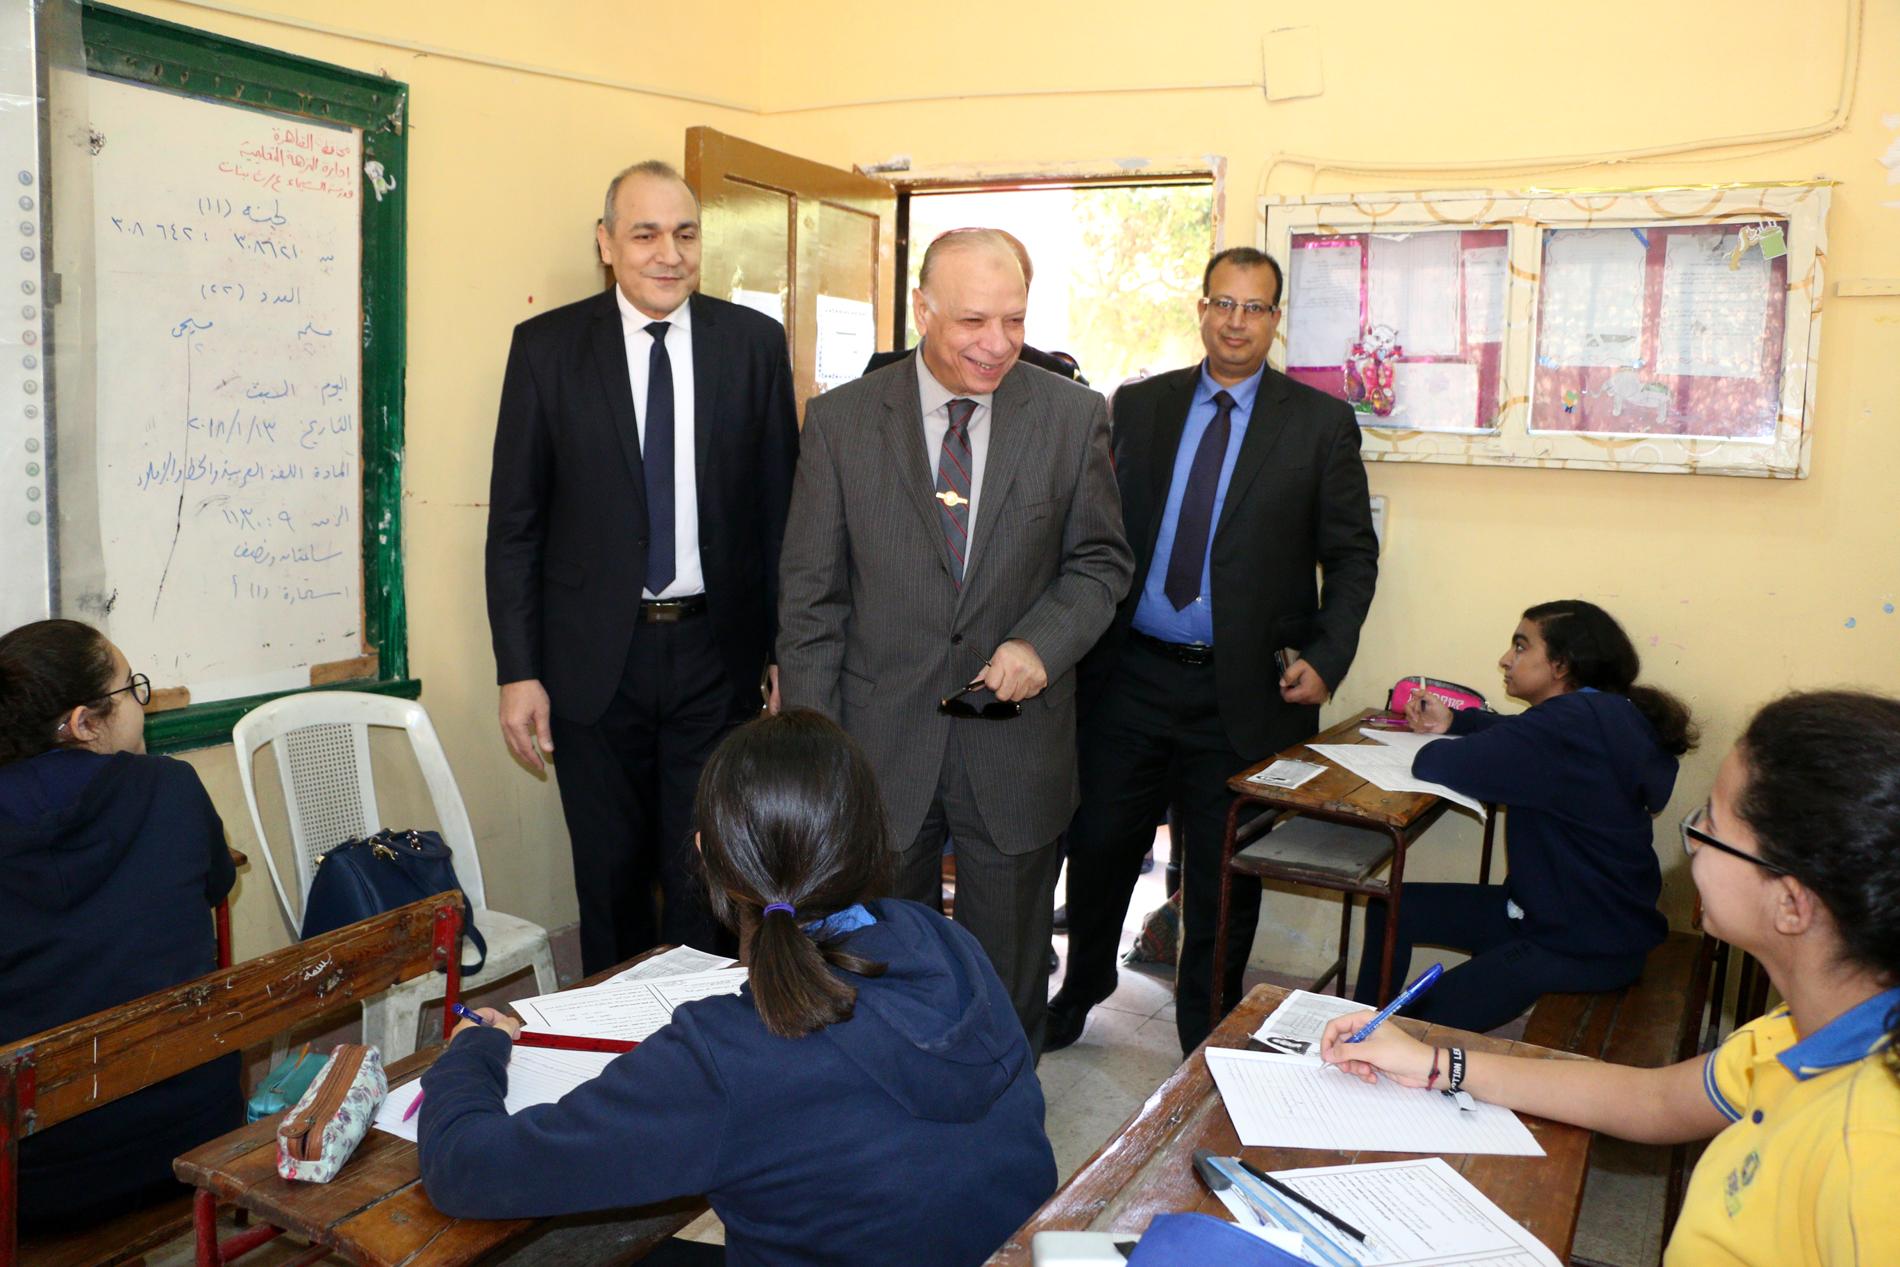 محافظ القاهرة يتفقد سير امتحانات الشهادة الإعدادية (1)